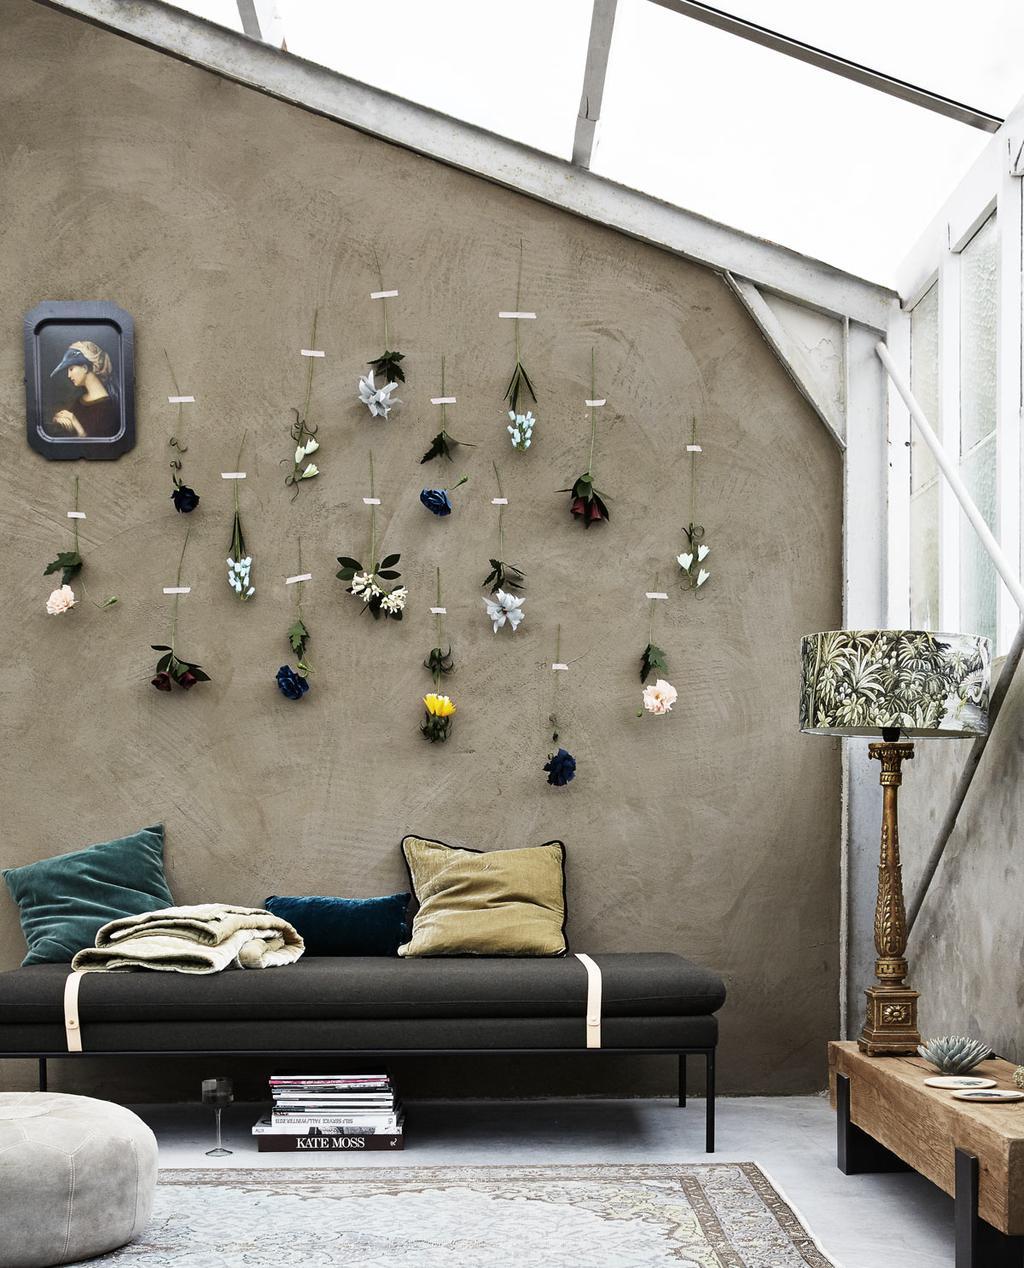 Bloemen styling met gedroogde bloemen op een beige muur